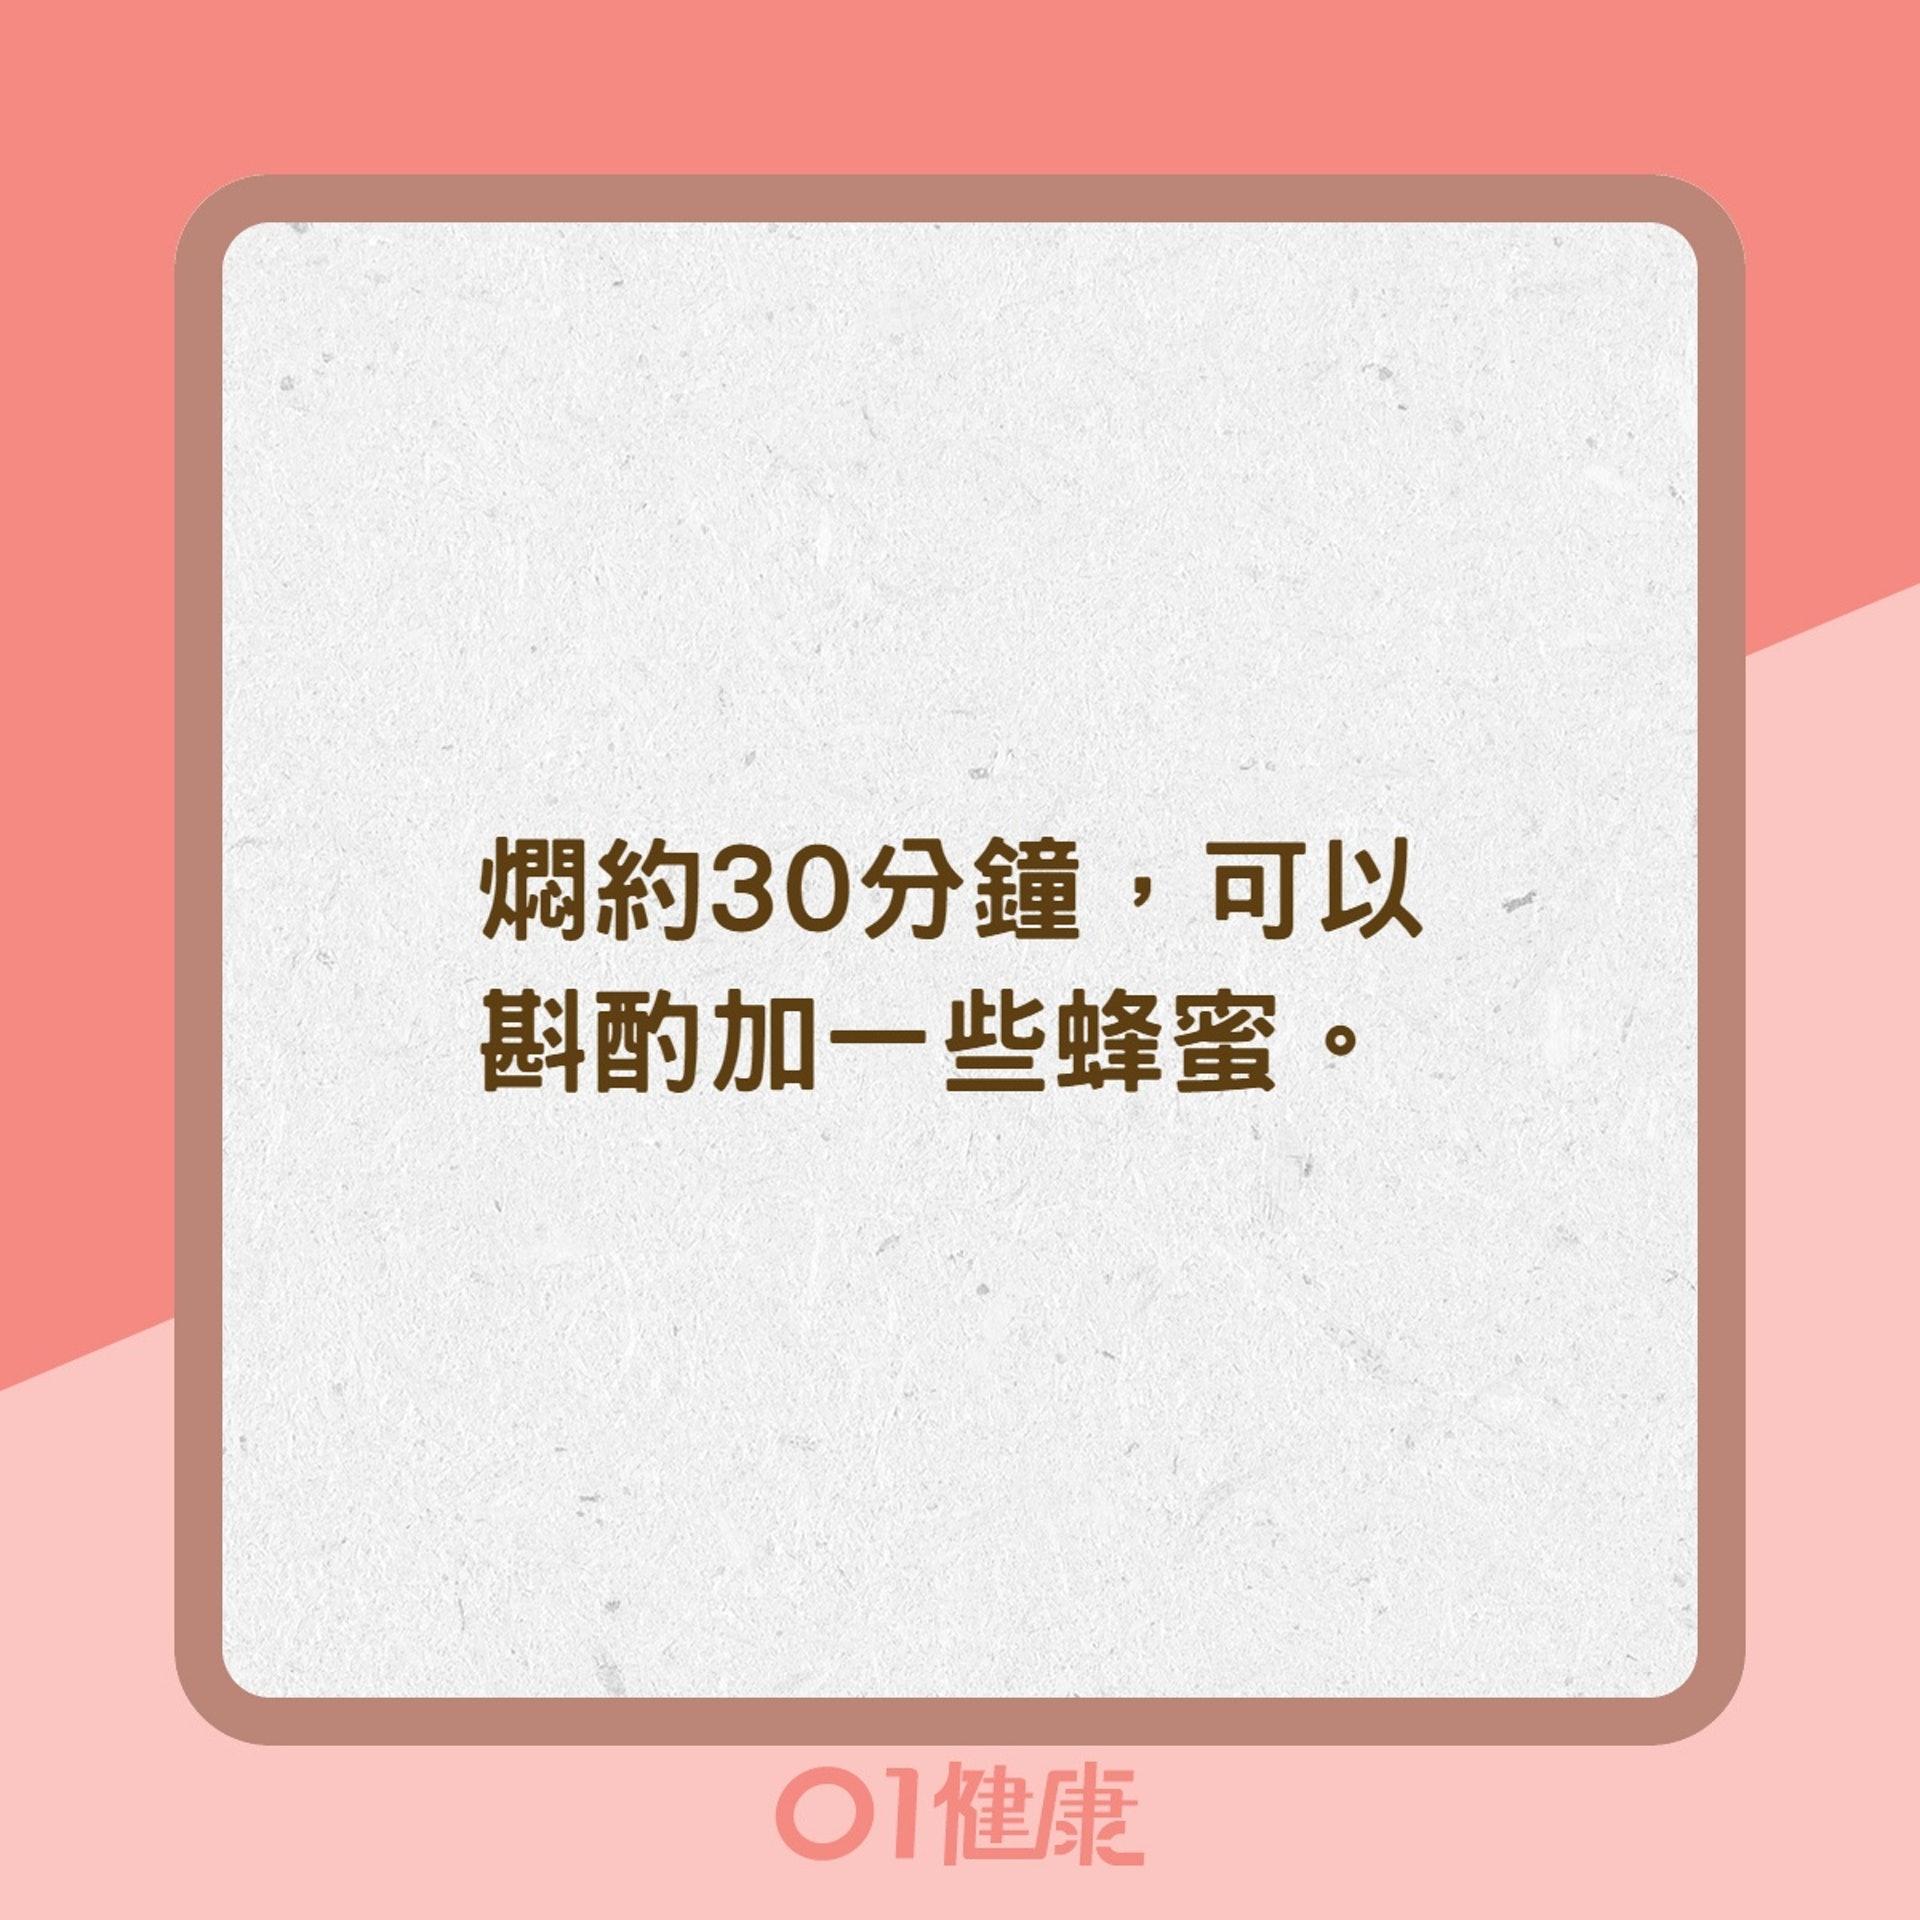 洋甘菊茶、菊花枸杞茶怎麼泡?(01製圖)